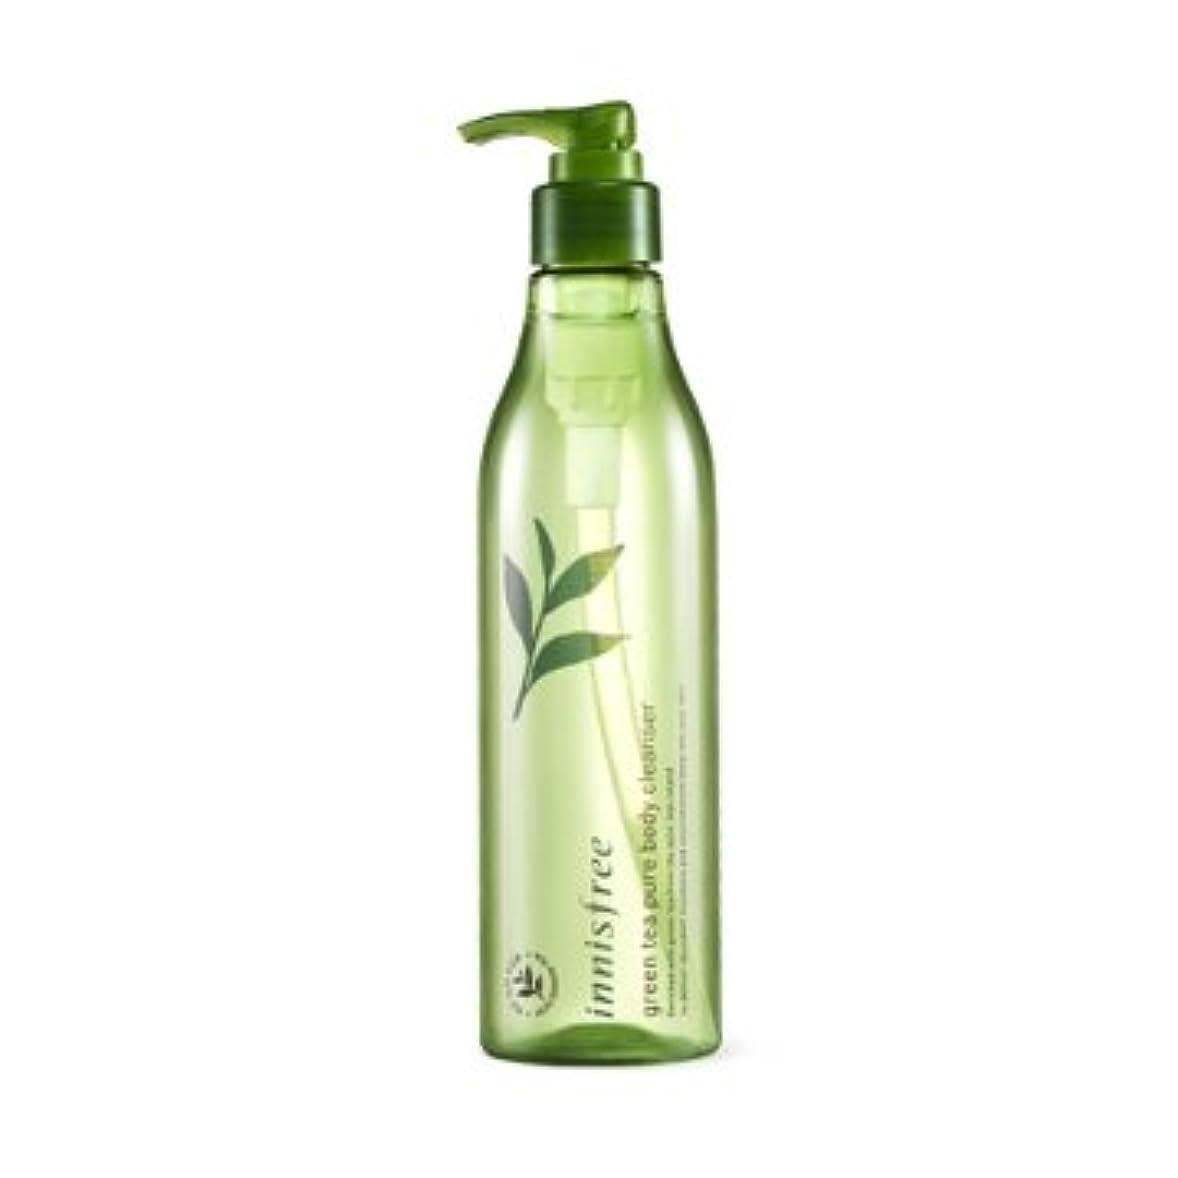 食料品店警報不機嫌そうな【イニスフリー】Innisfree green tea pure body cleanser - 300ml (韓国直送品) (SHOPPINGINSTAGRAM)